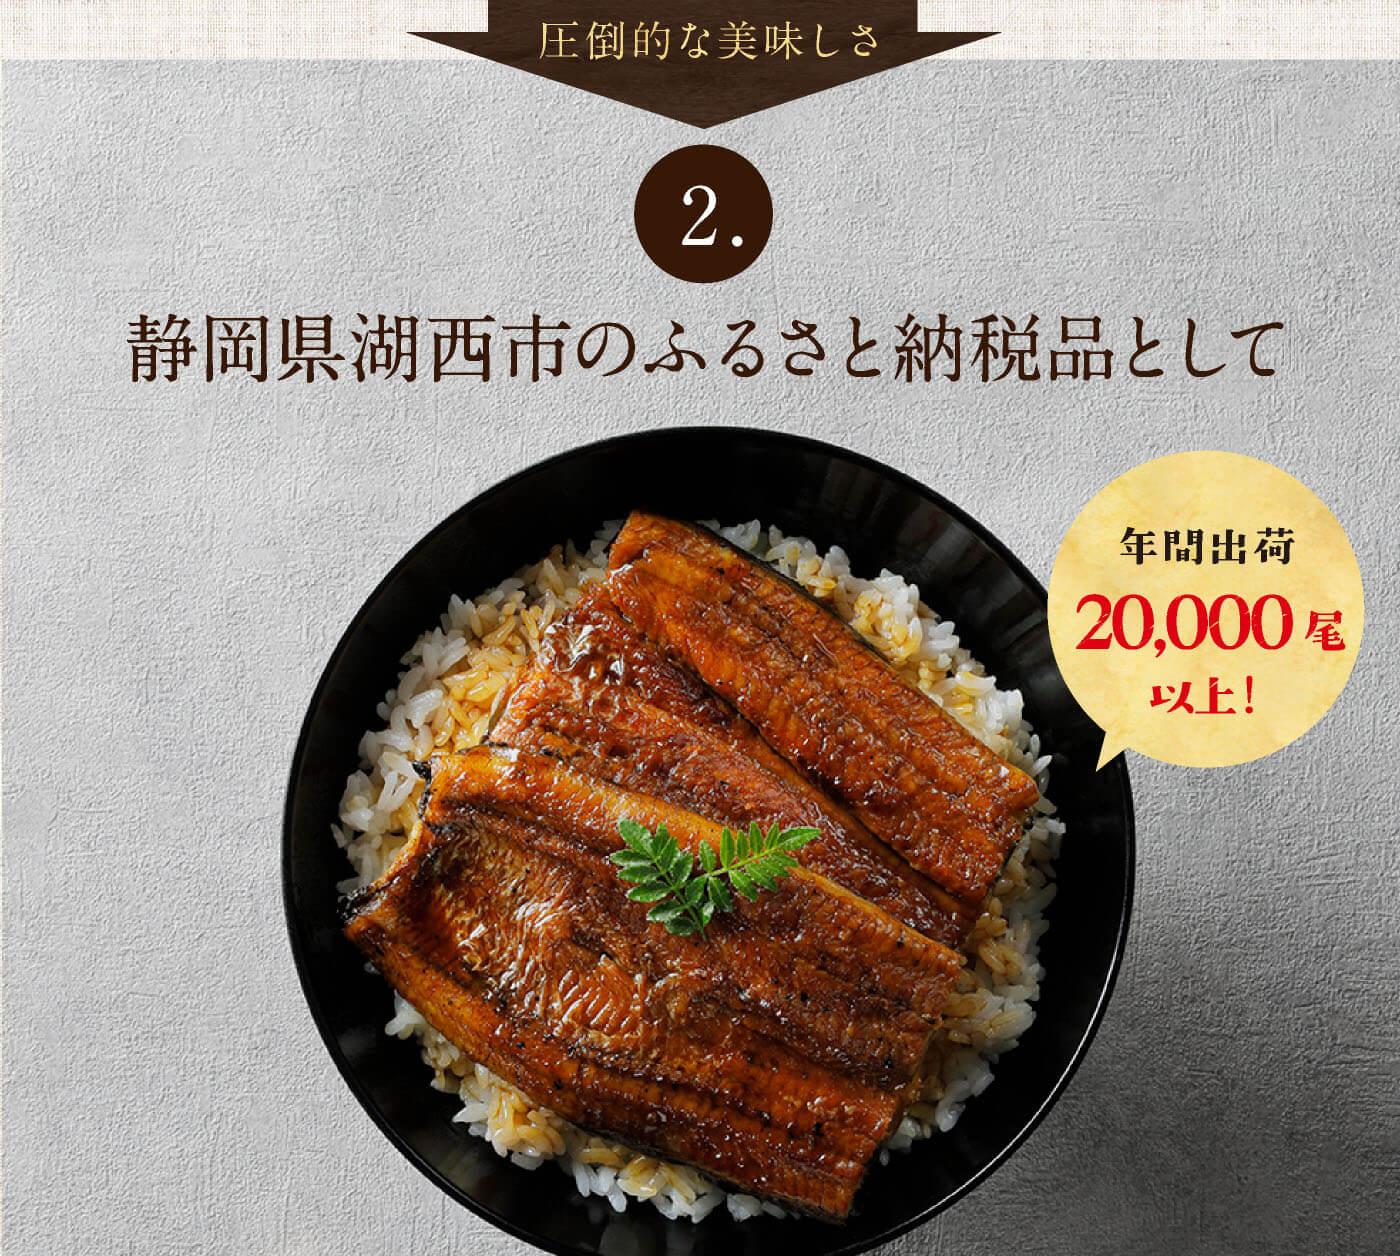 純浜名湖産うなぎは静岡県湖西市のふるさと納税品として年間出荷20,000尾以上!